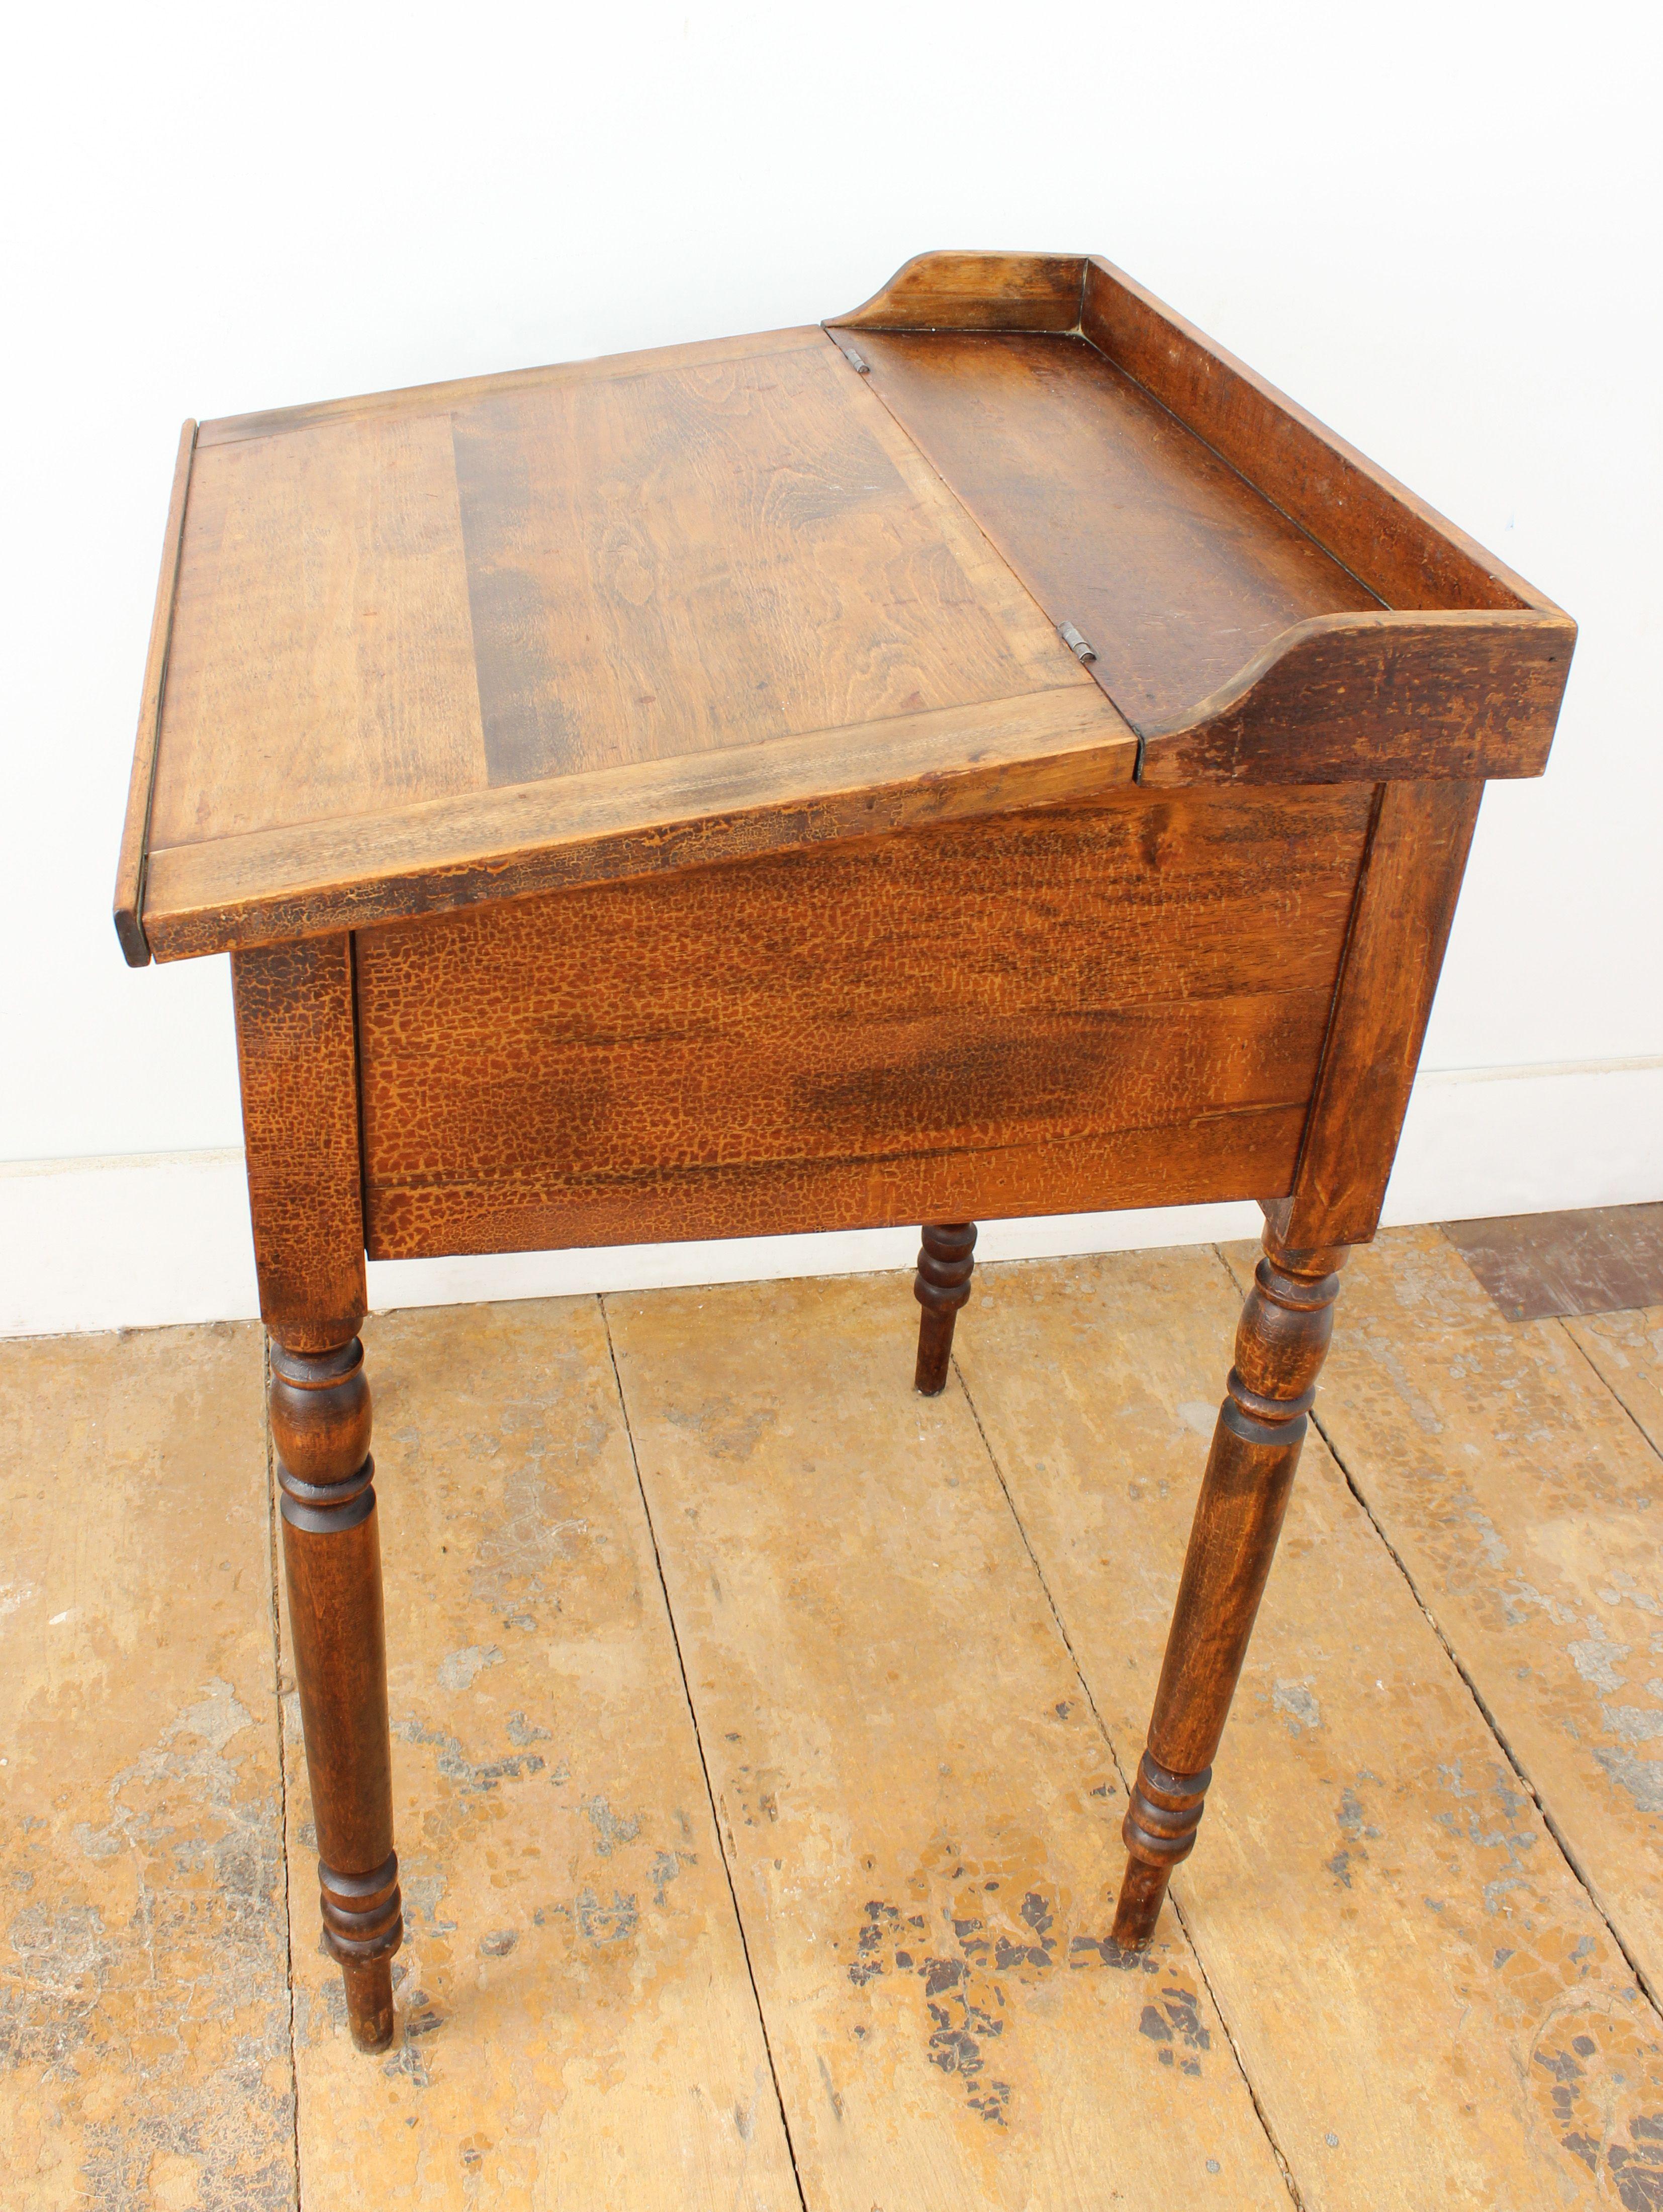 Antique Small Slant Top Desk Chairish